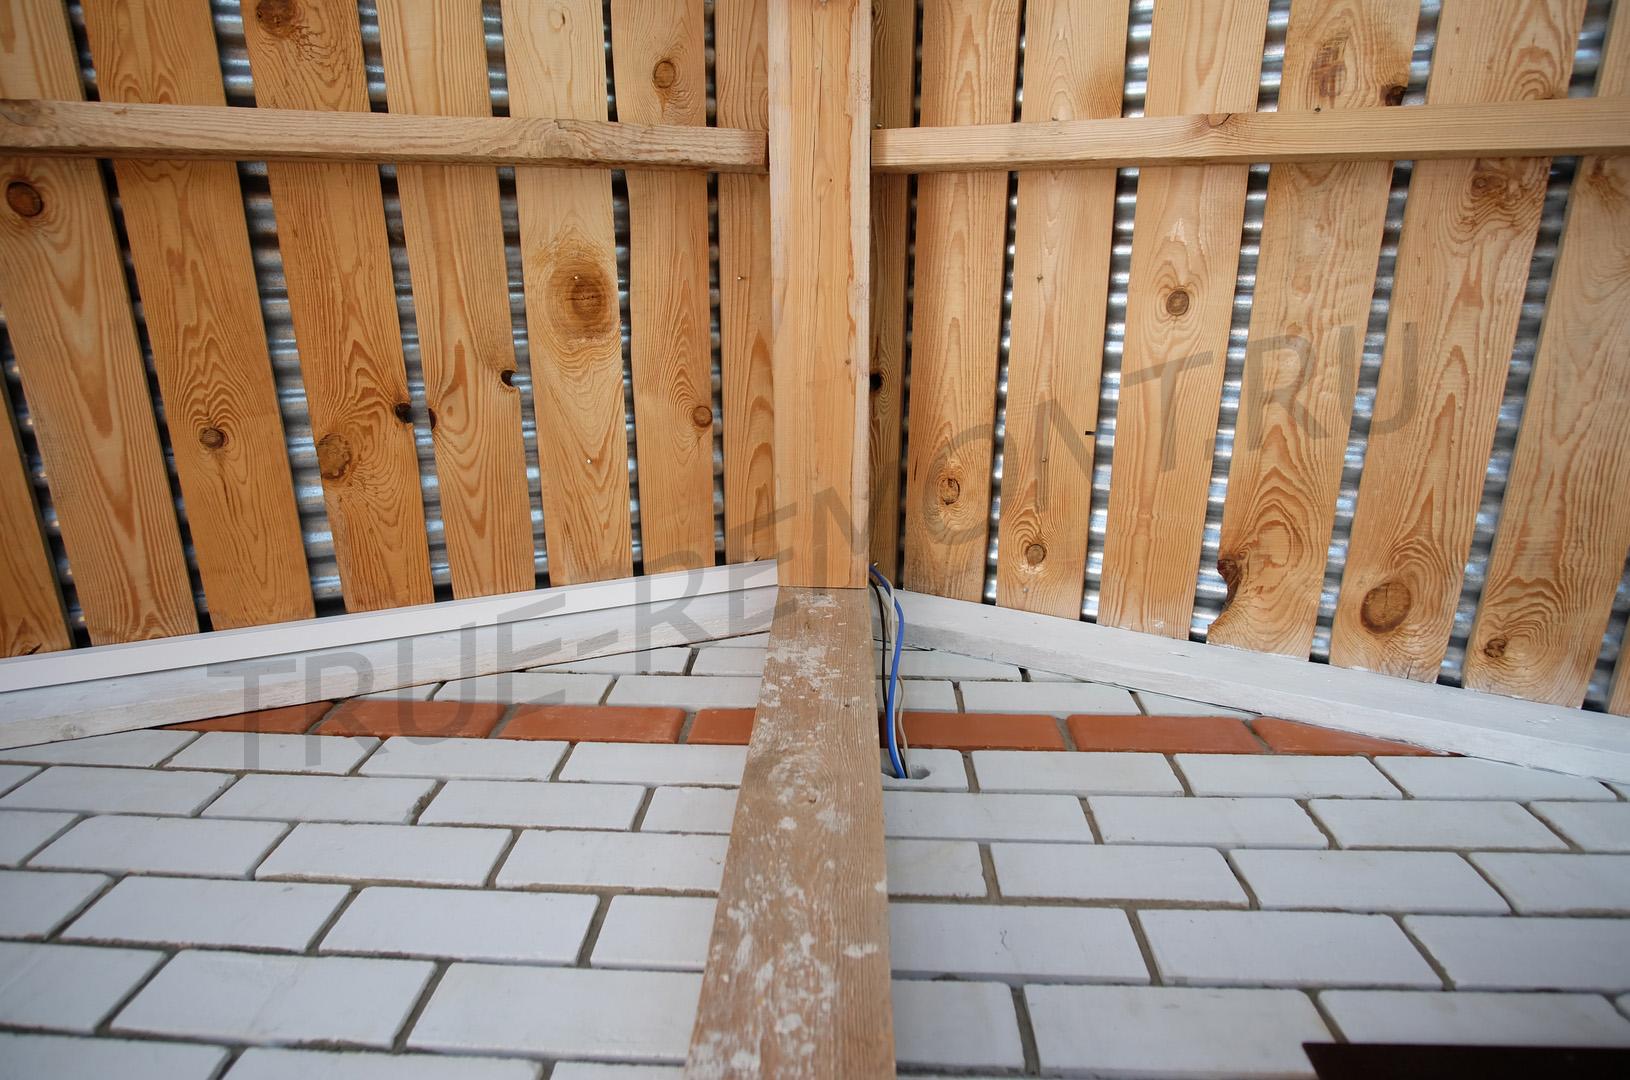 Ввод проводов в дом для электромеханического замка